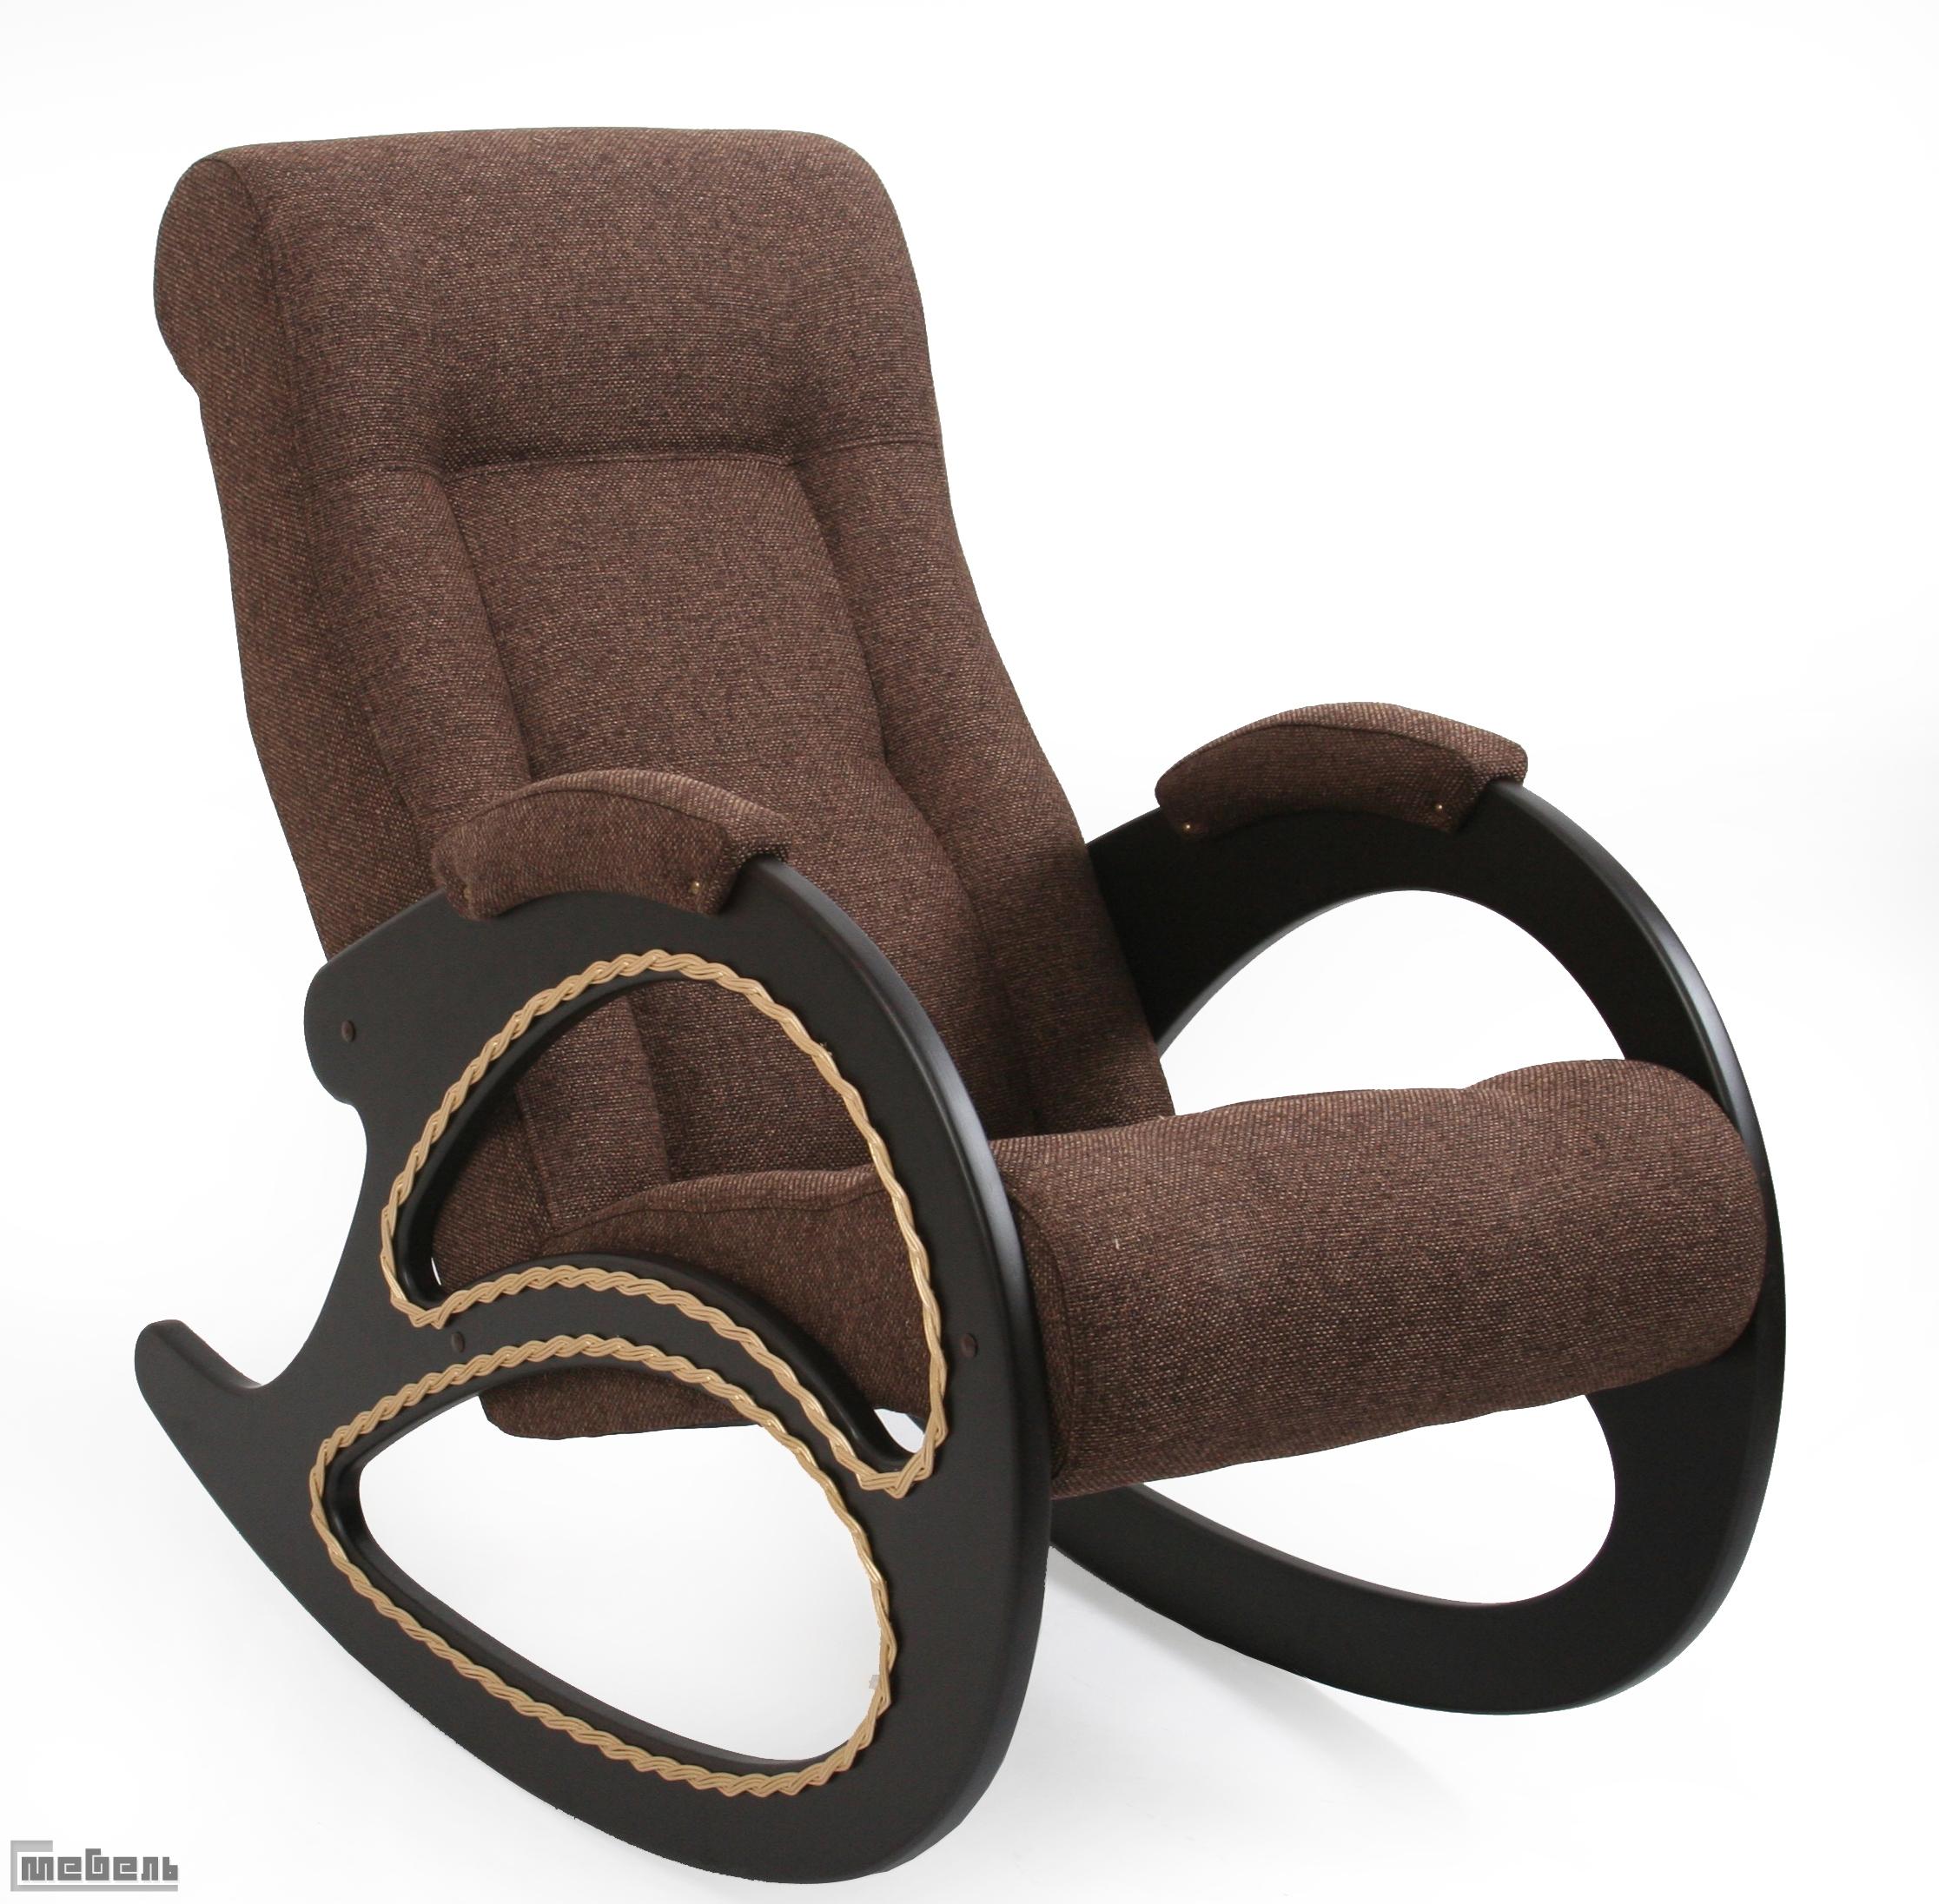 Кресло-качалка, модель 4 (013.004), ткань Мальта 15А